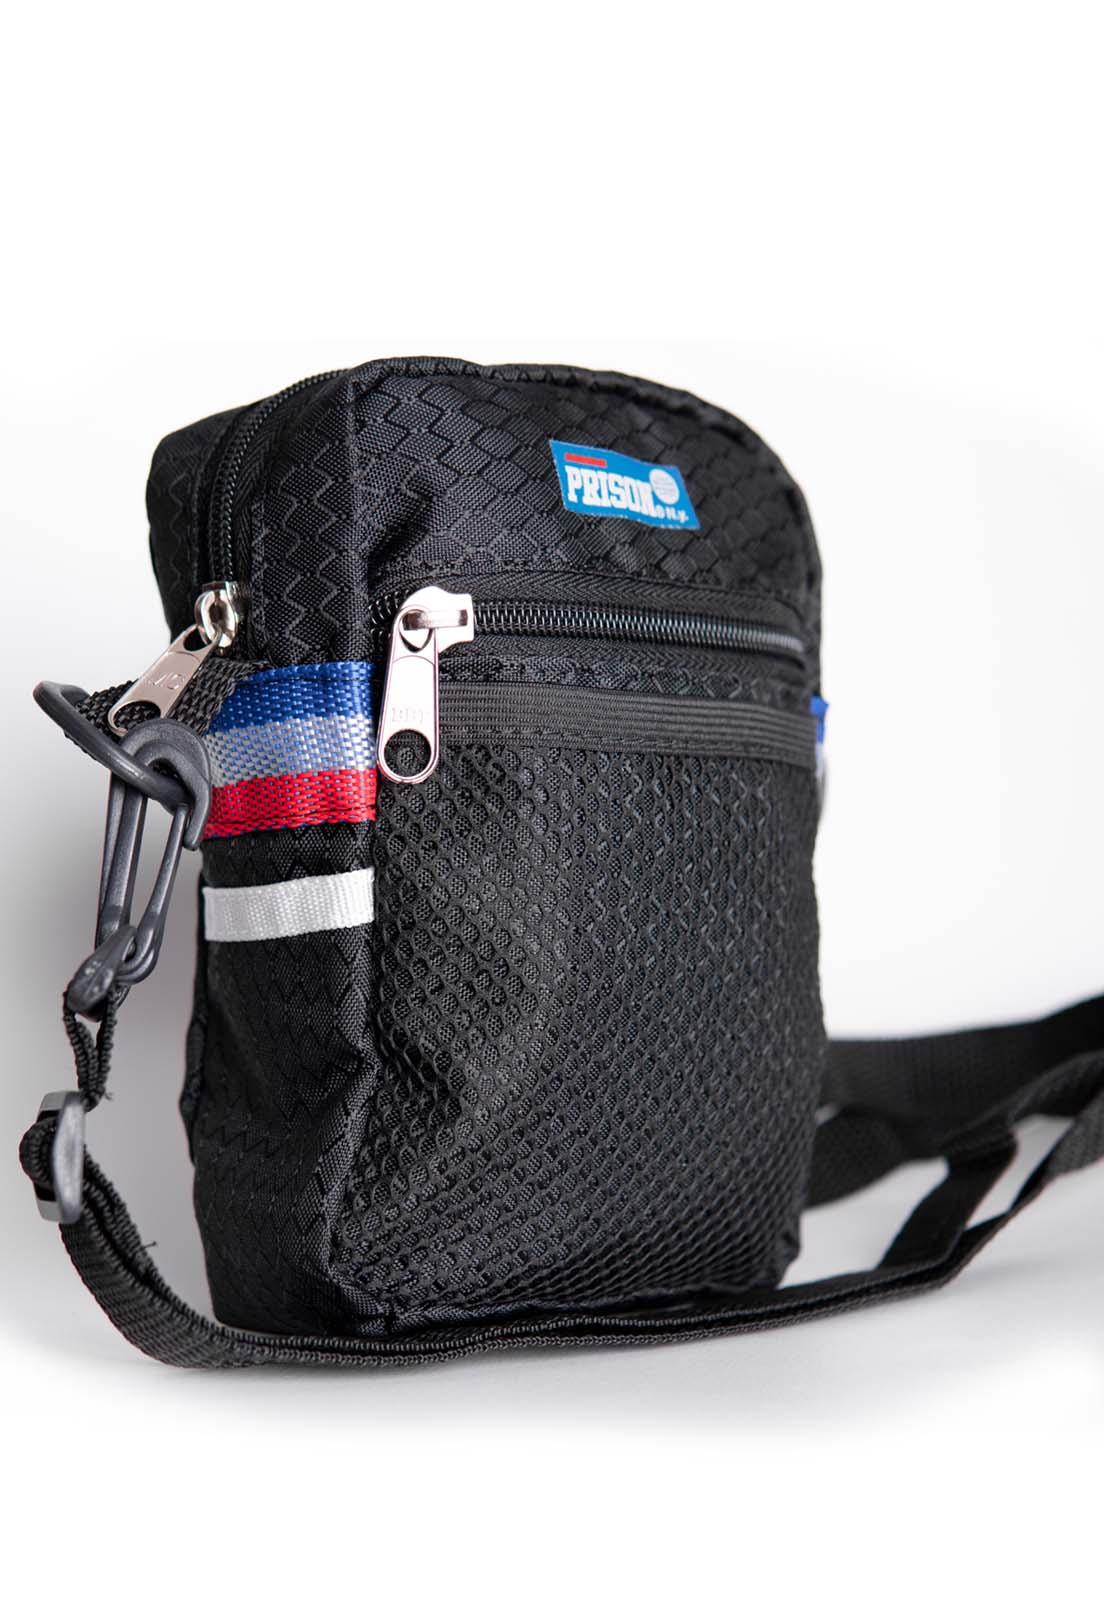 Shoulder Bag Prison Spider